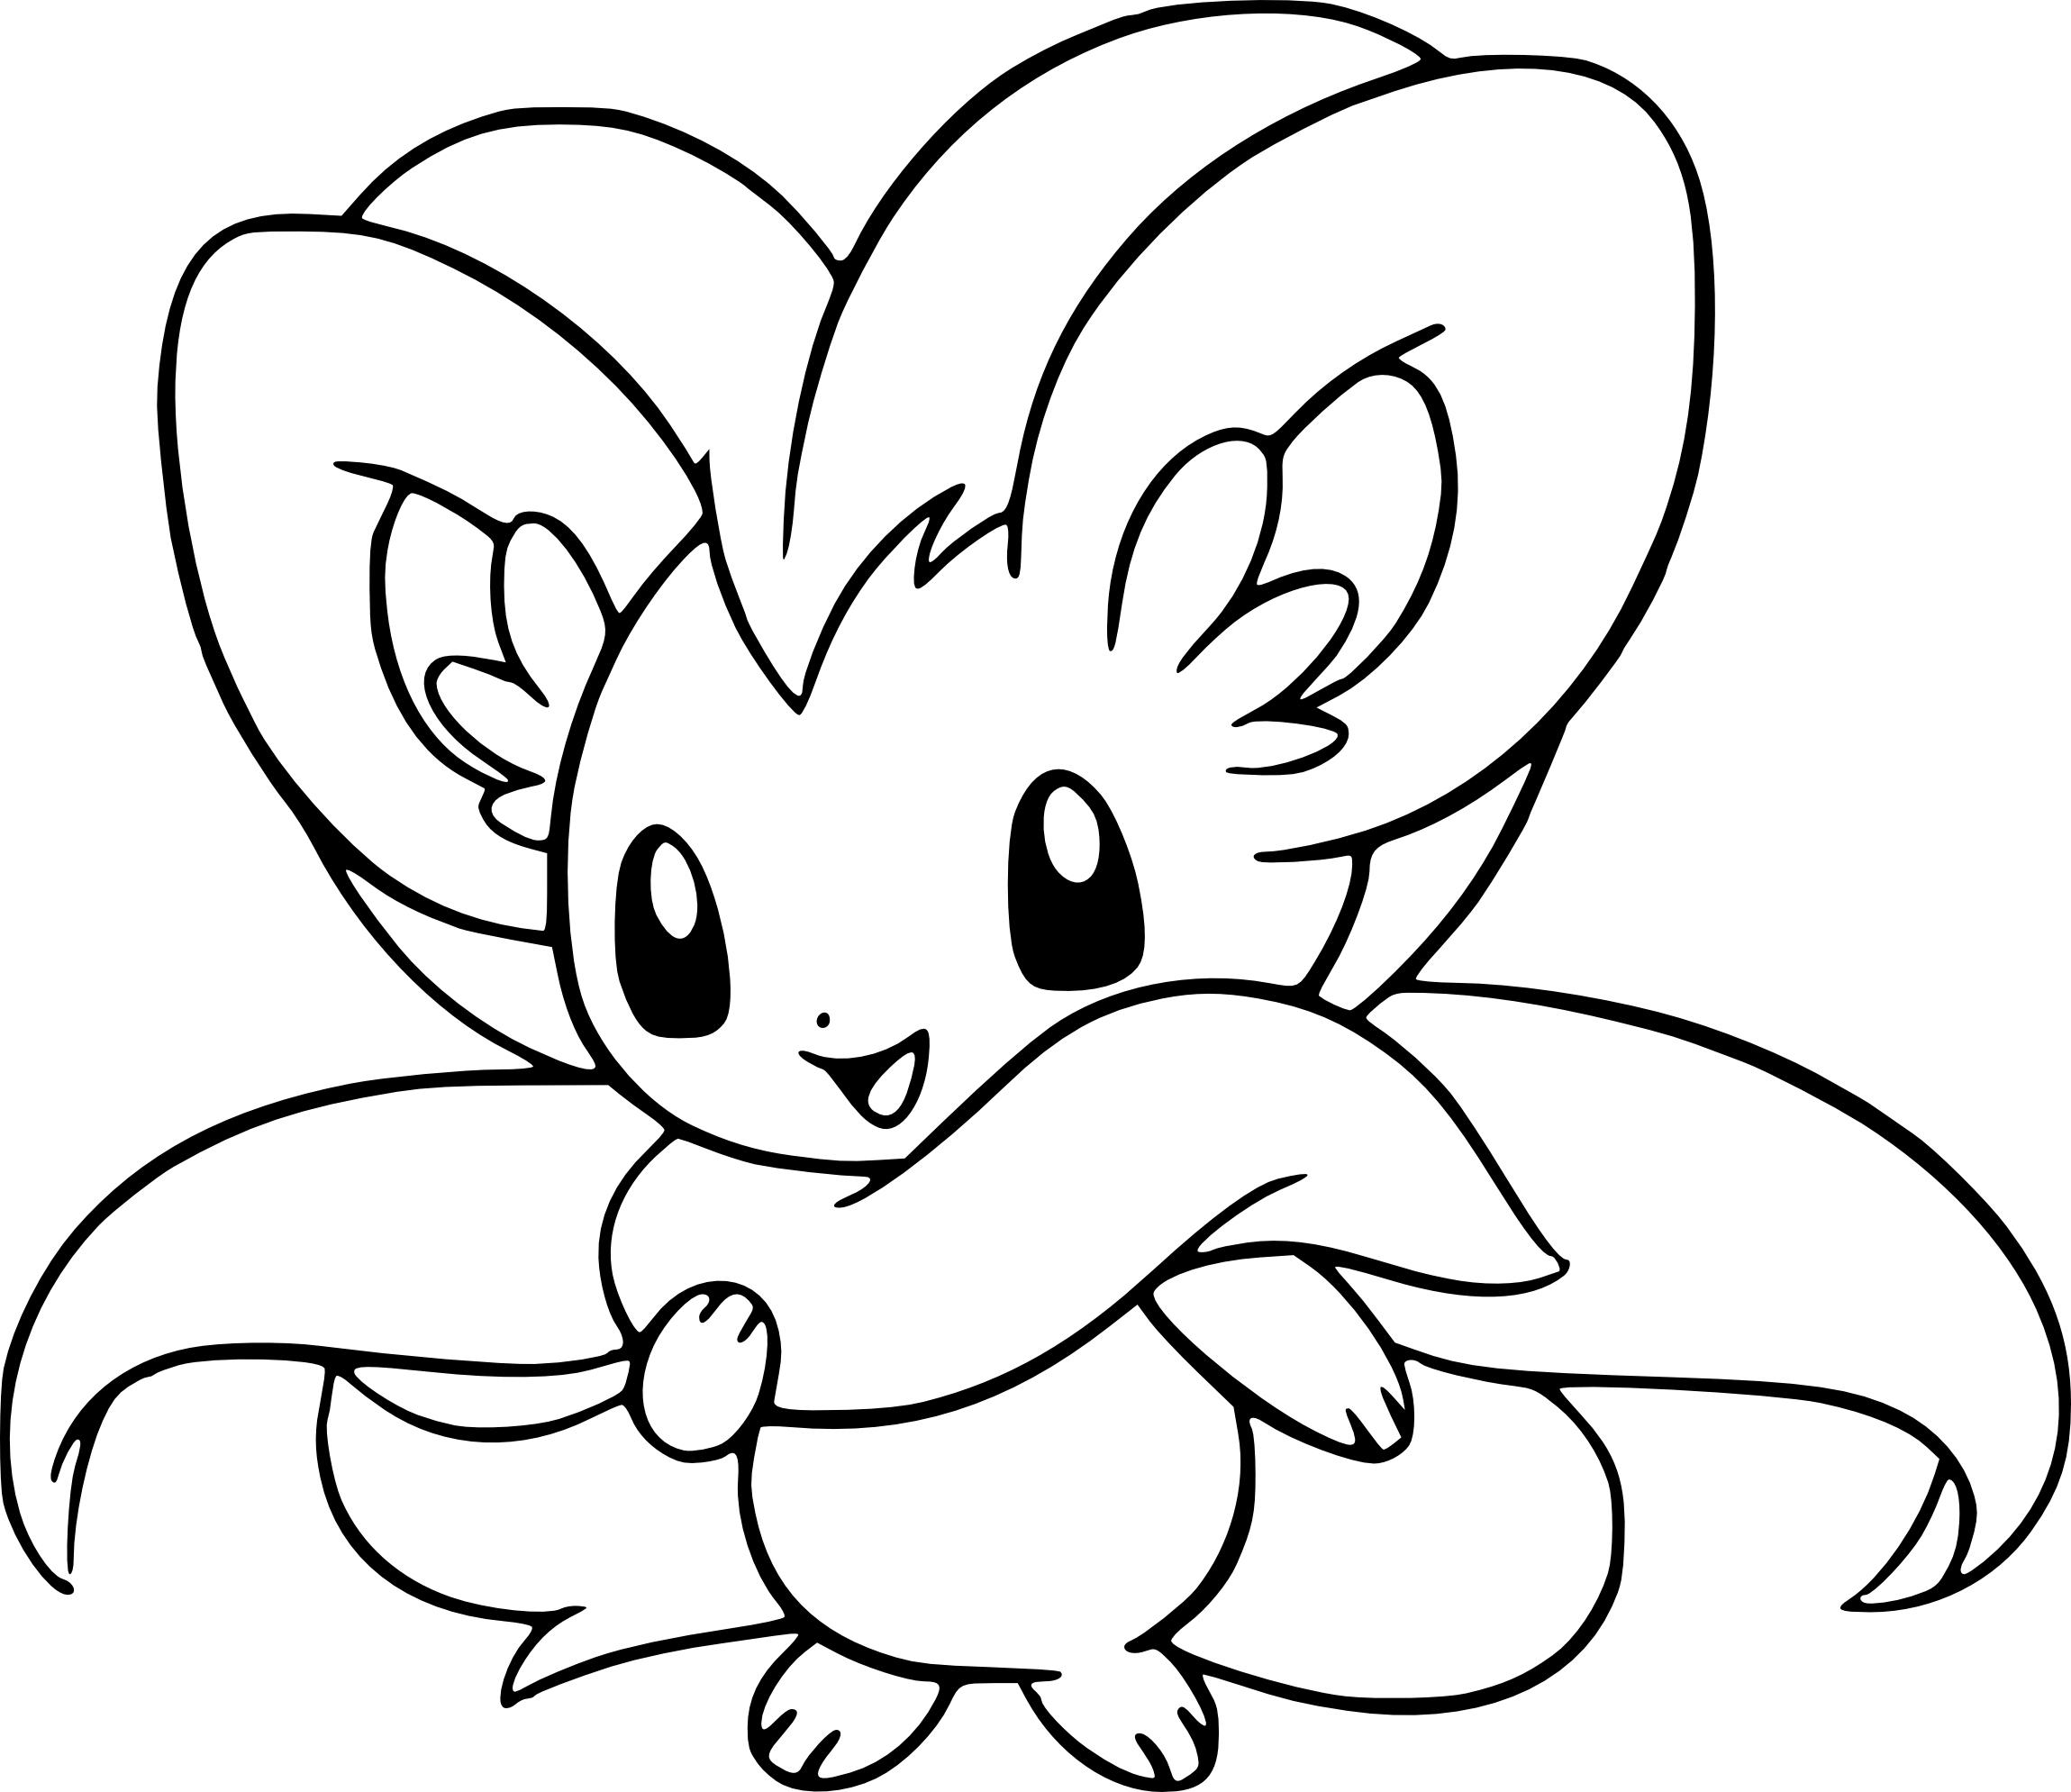 Frais Dessin A Colorier De Pikachu – Mademoiselleosaki encequiconcerne Coloriage A Imprimer Pokemon Pikachu